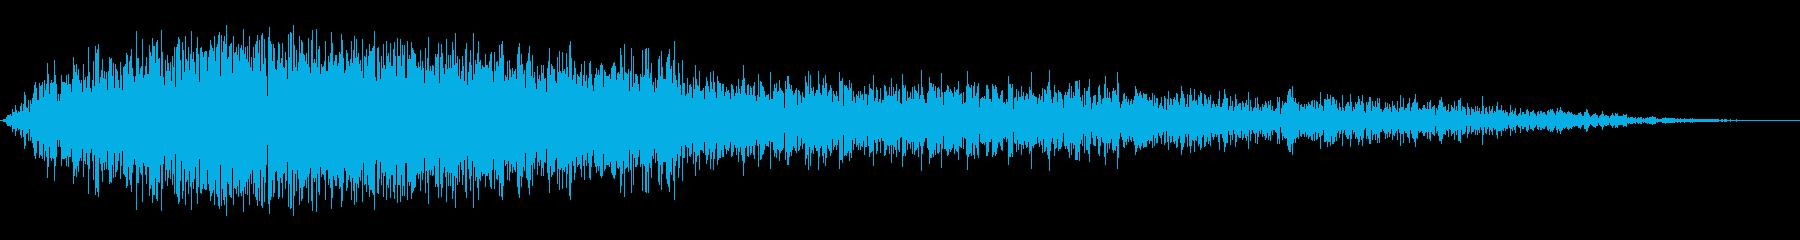 ヒィユーーーウゥというかなり強めの風の音の再生済みの波形